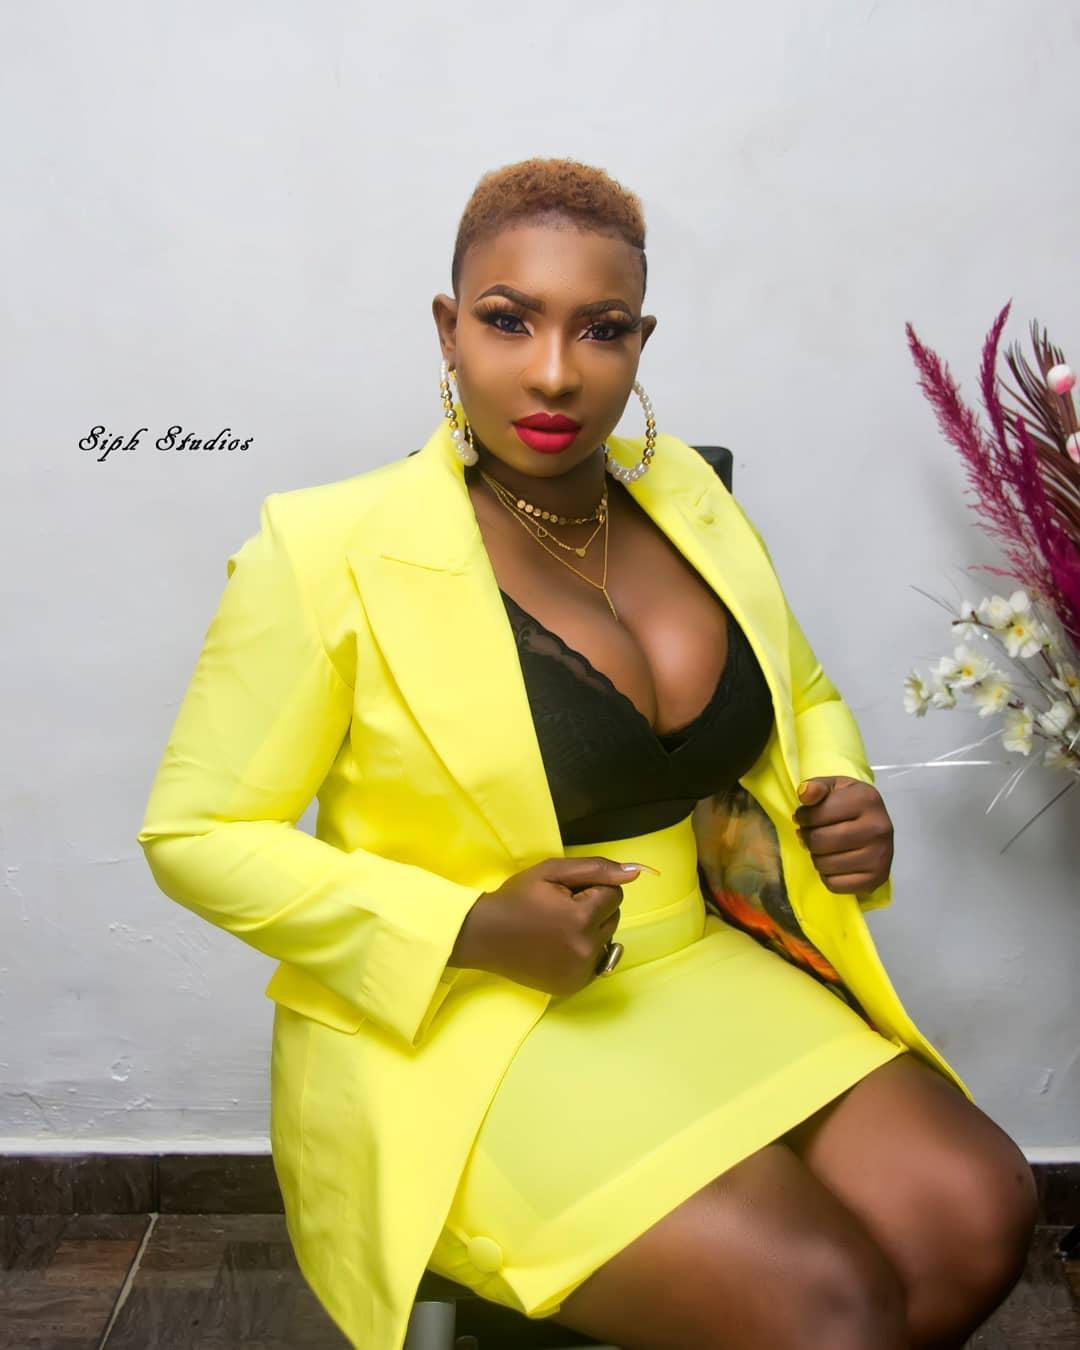 « Les hommes ne peuvent pas s'empêcher de regarder mes fesses », dixit une actrice nigériane